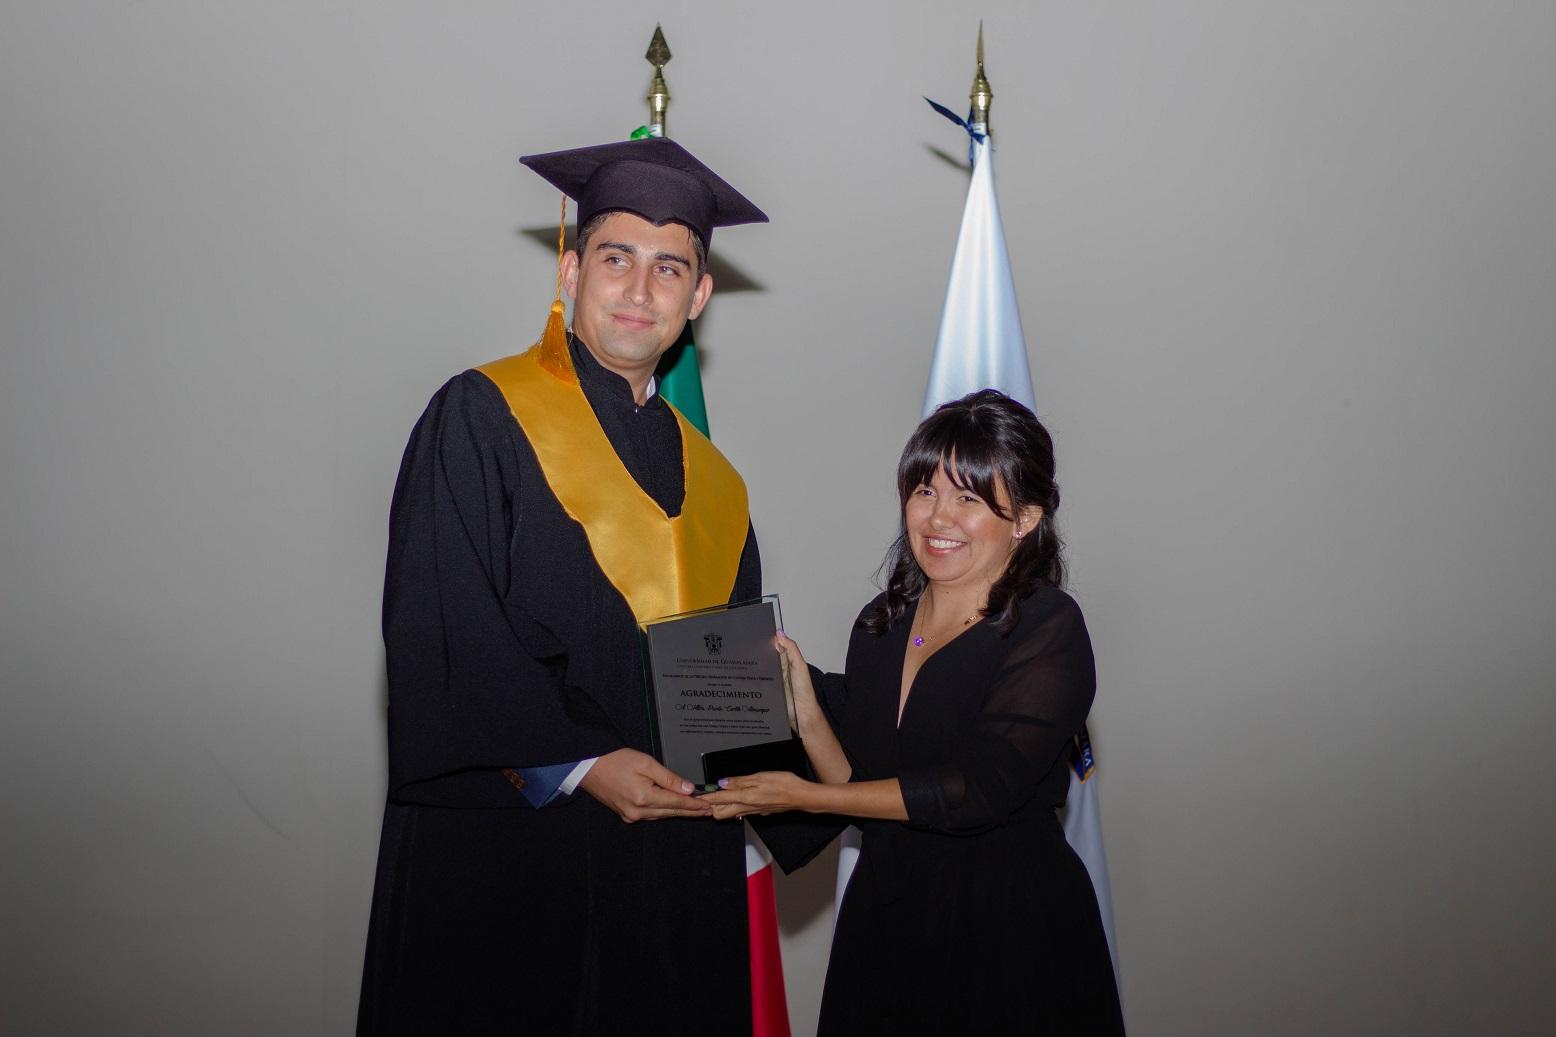 Mtra. Paola Cortés recibió un reconocimiento por parte del presidente de generación, Carlos Munguía González